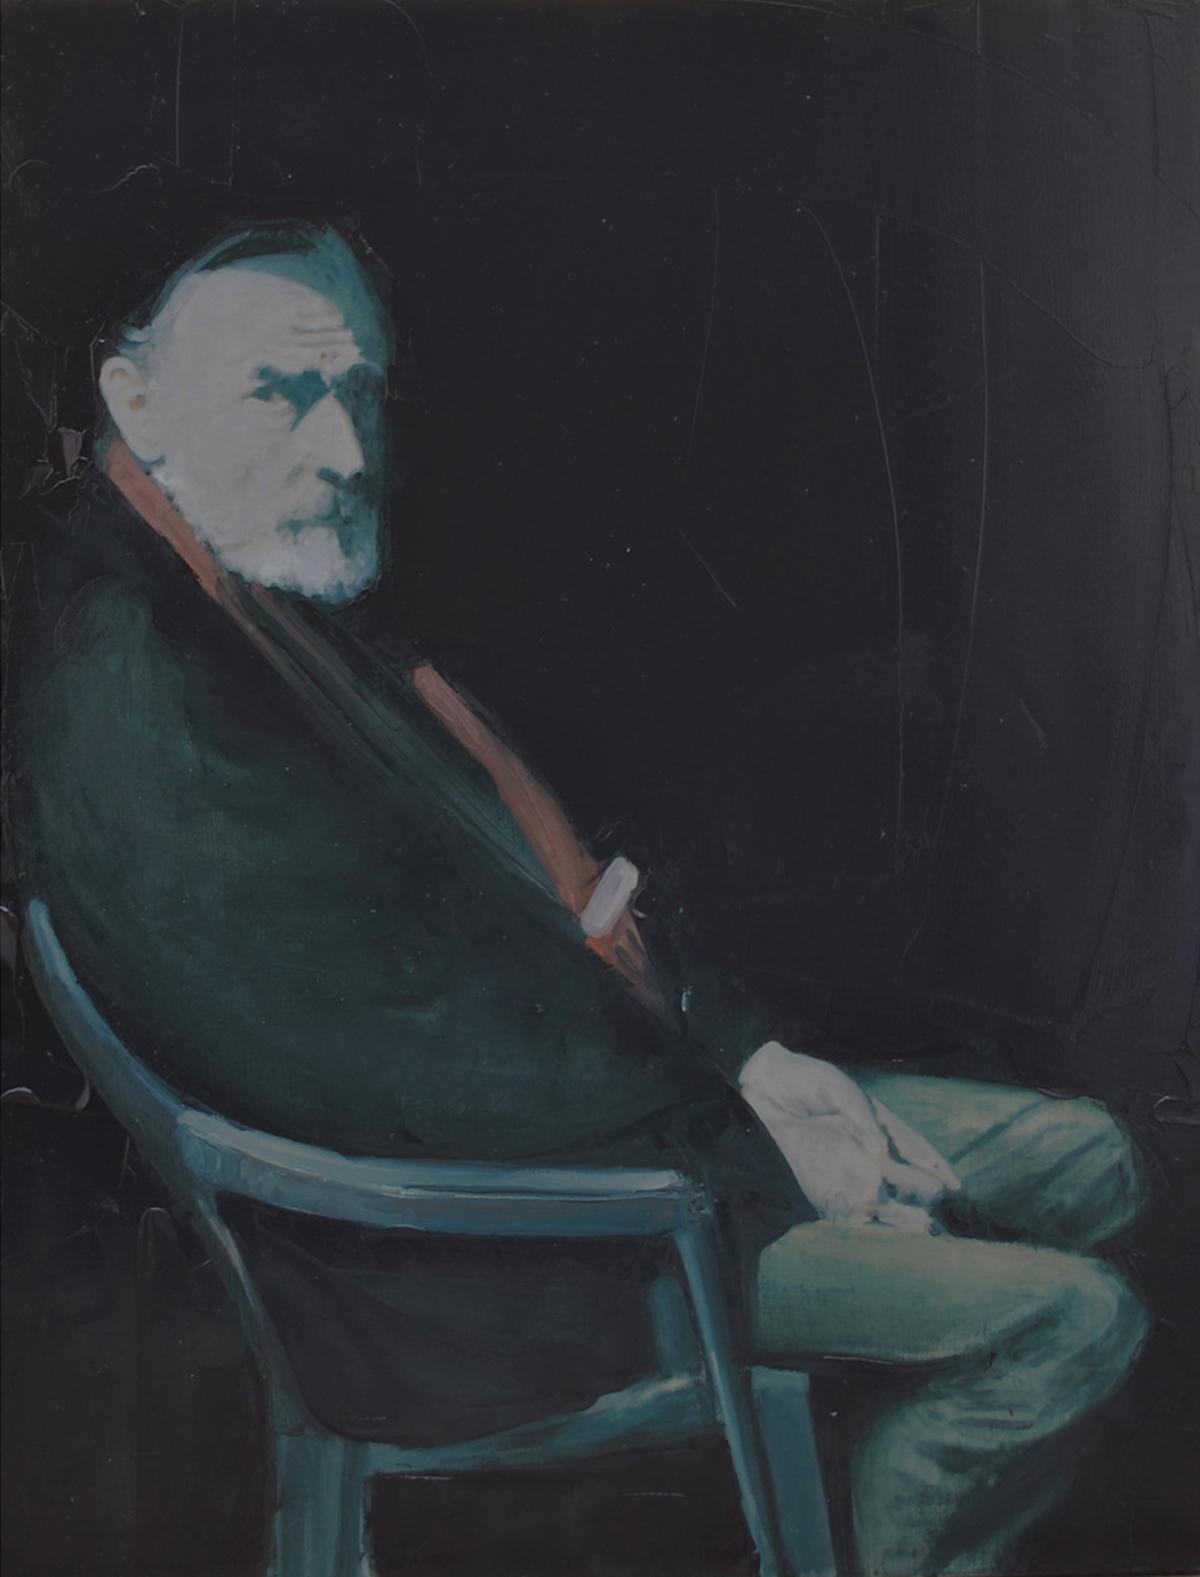 Mr Sicard, 2011 Huile sur toile, 116 x 89 cm ©Vincent Ruffin